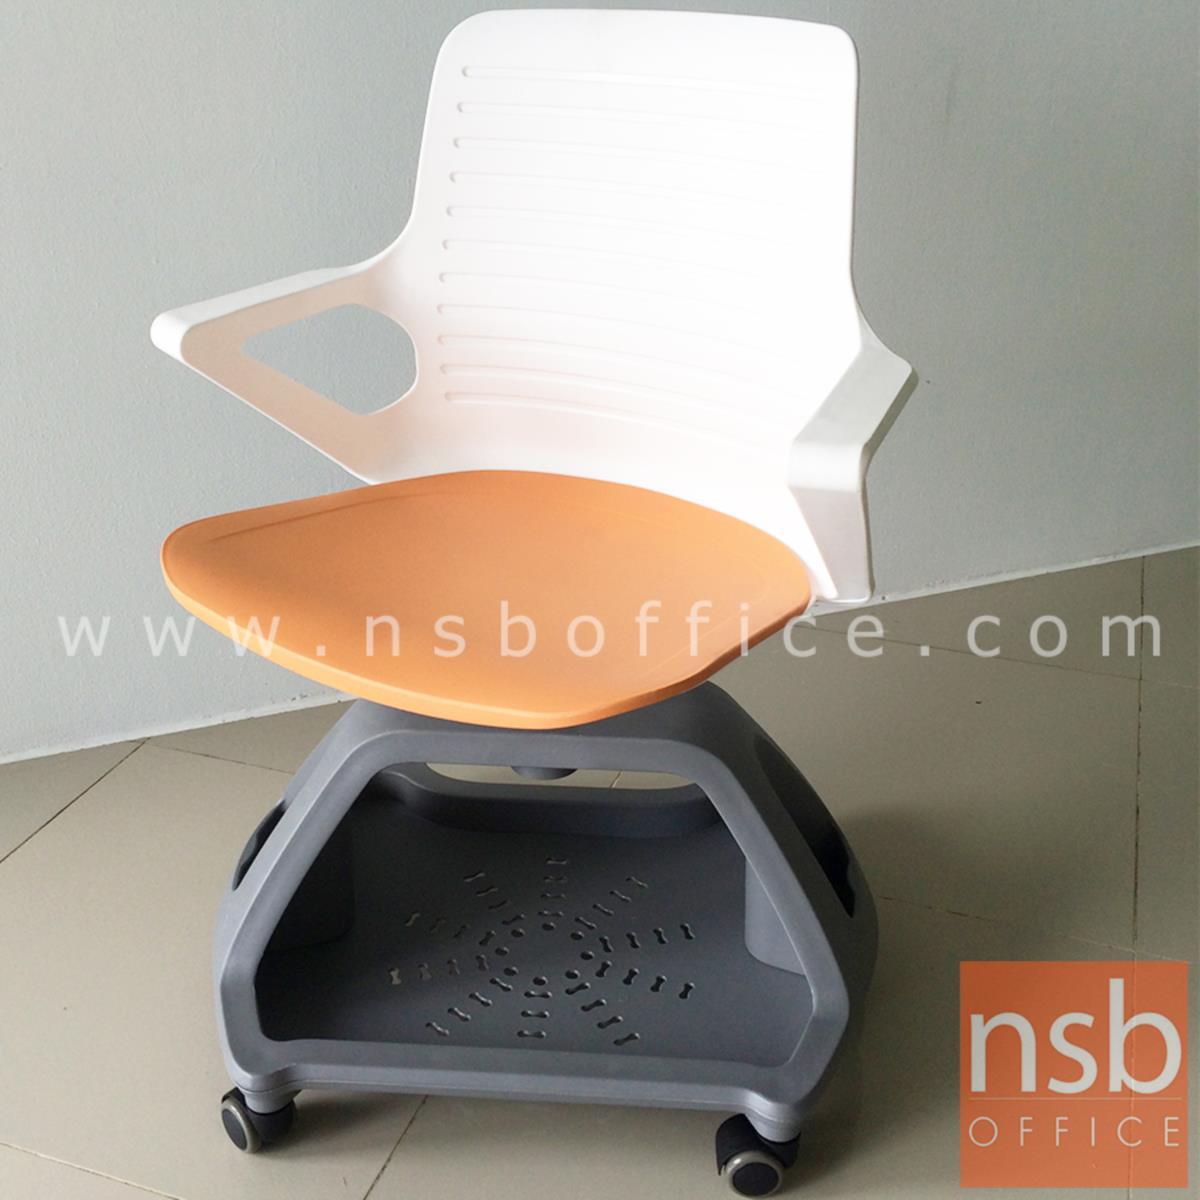 เก้าอี้เฟรมโพลี่ล้อเลื่อน รุ่น Rhine (ไรน์) วางกระเป๋าได้